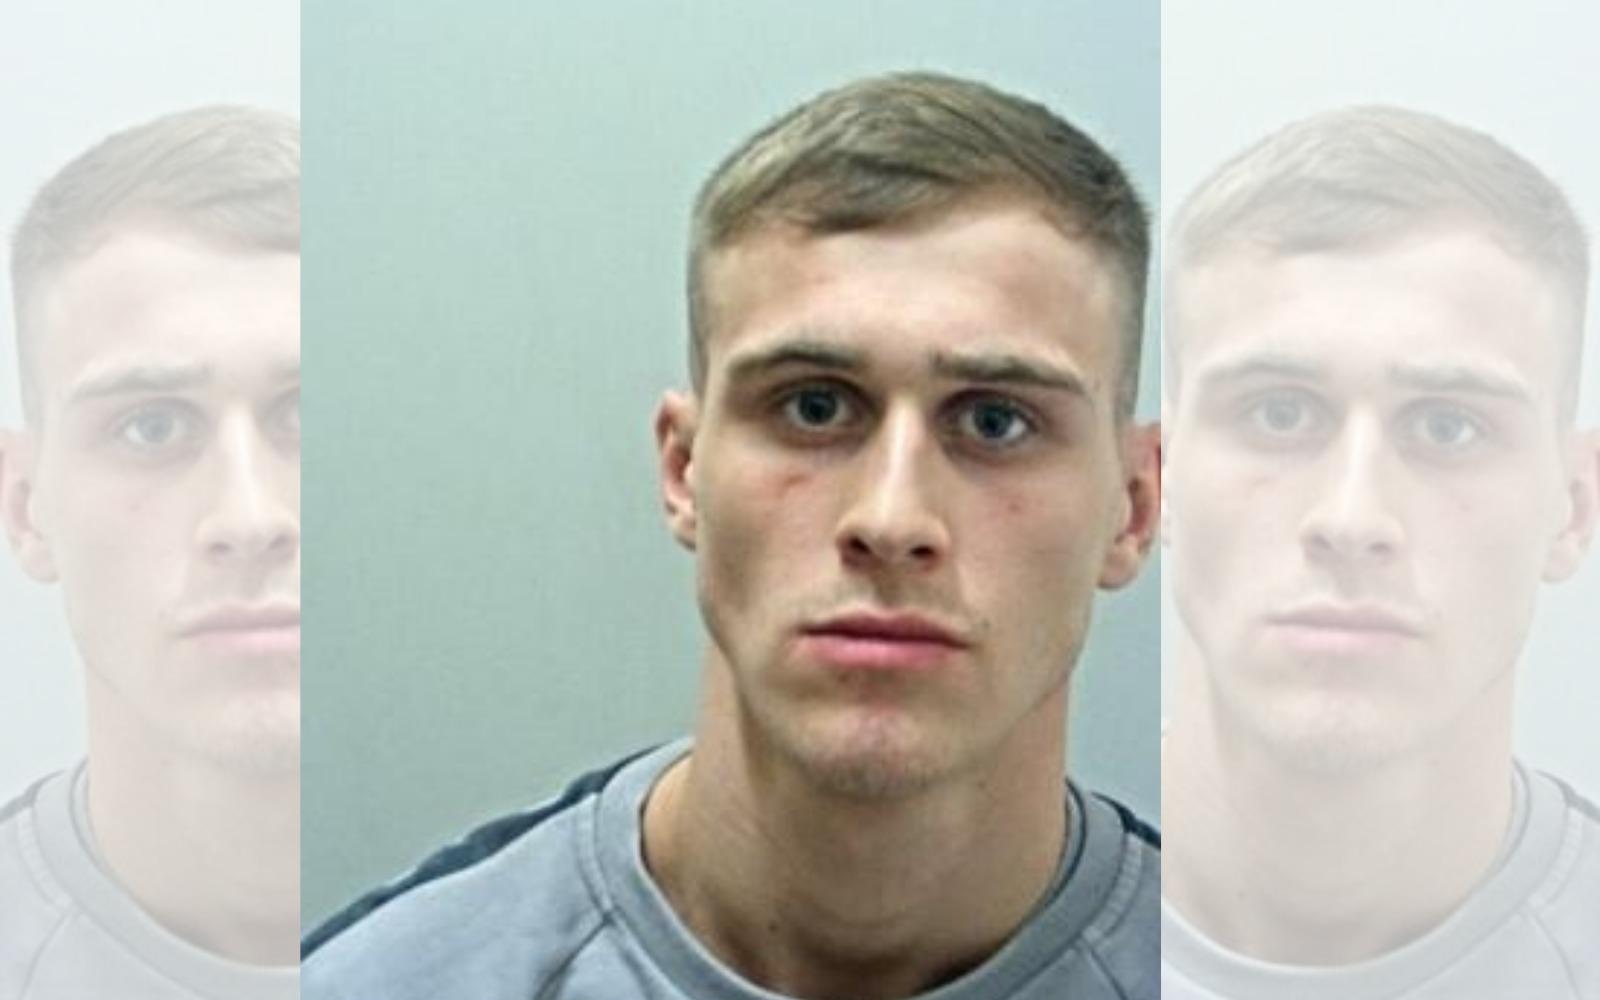 Pria Blackburn dicari sehubungan dengan penyerangan dan perampokan